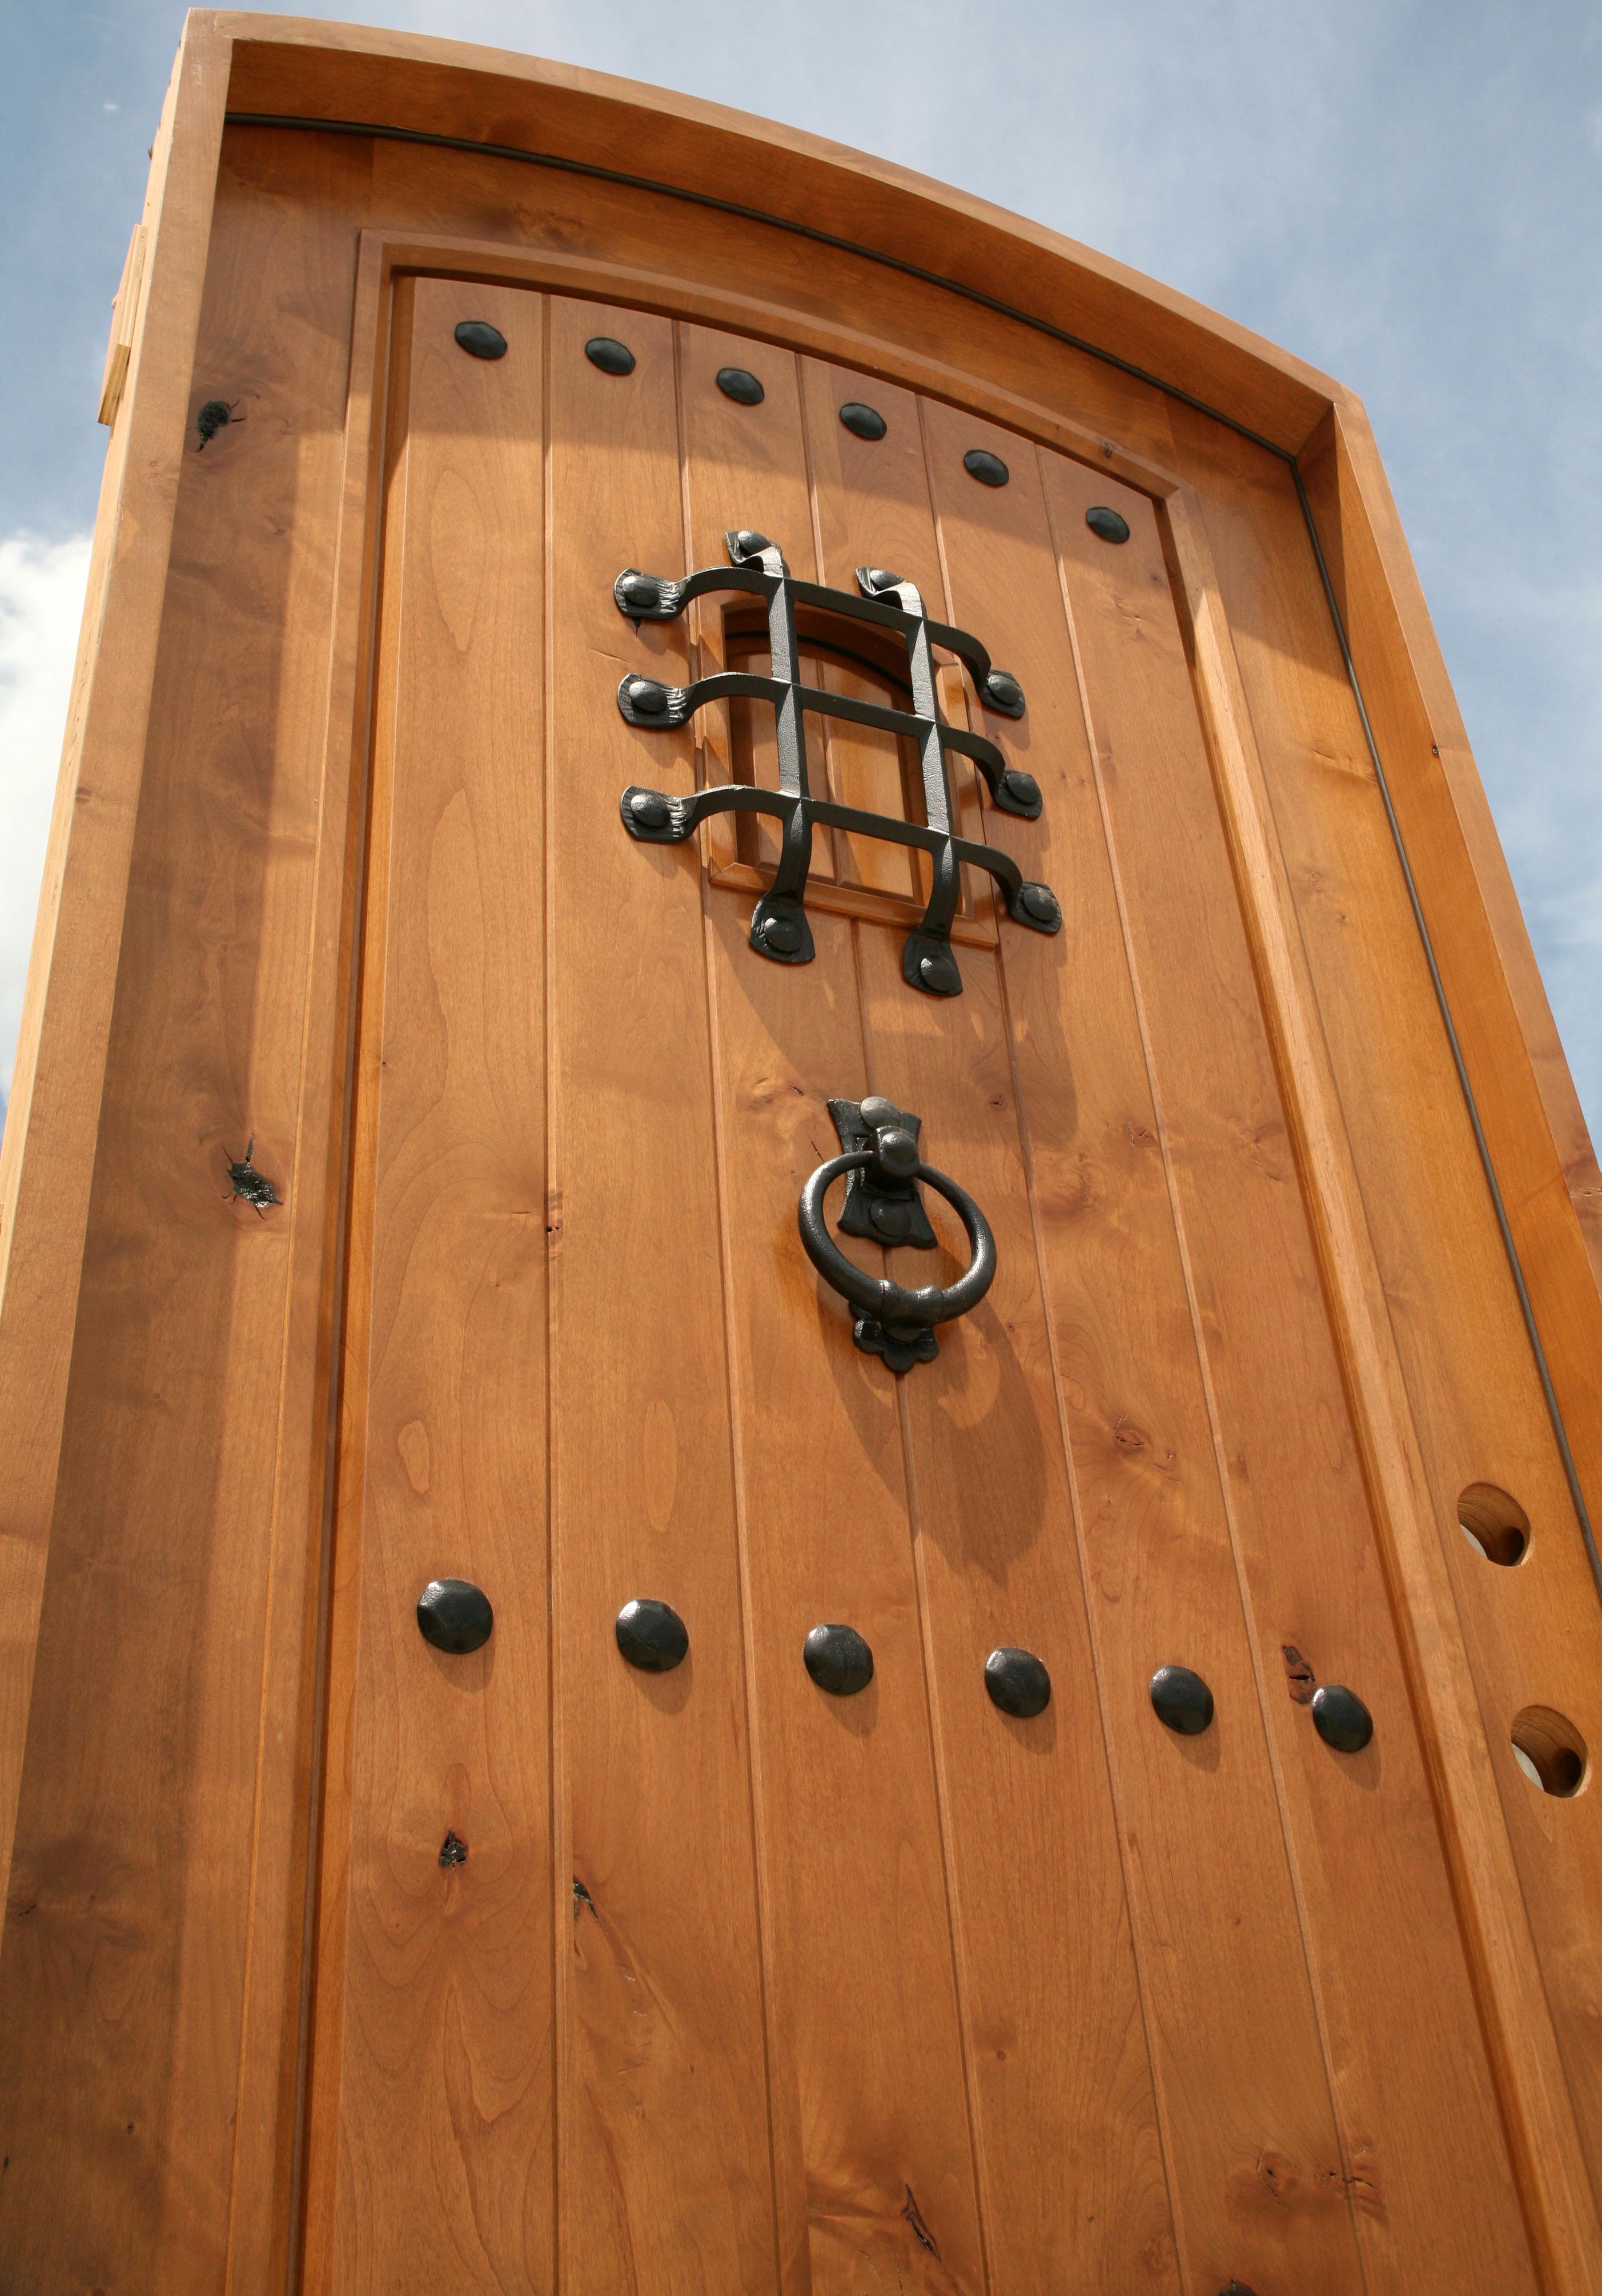 4020 #AD691E Top Doors Arched Elliptical Radius Round Top Doors Arch Top Entry  wallpaper Radius Top Entry Doors 38952805